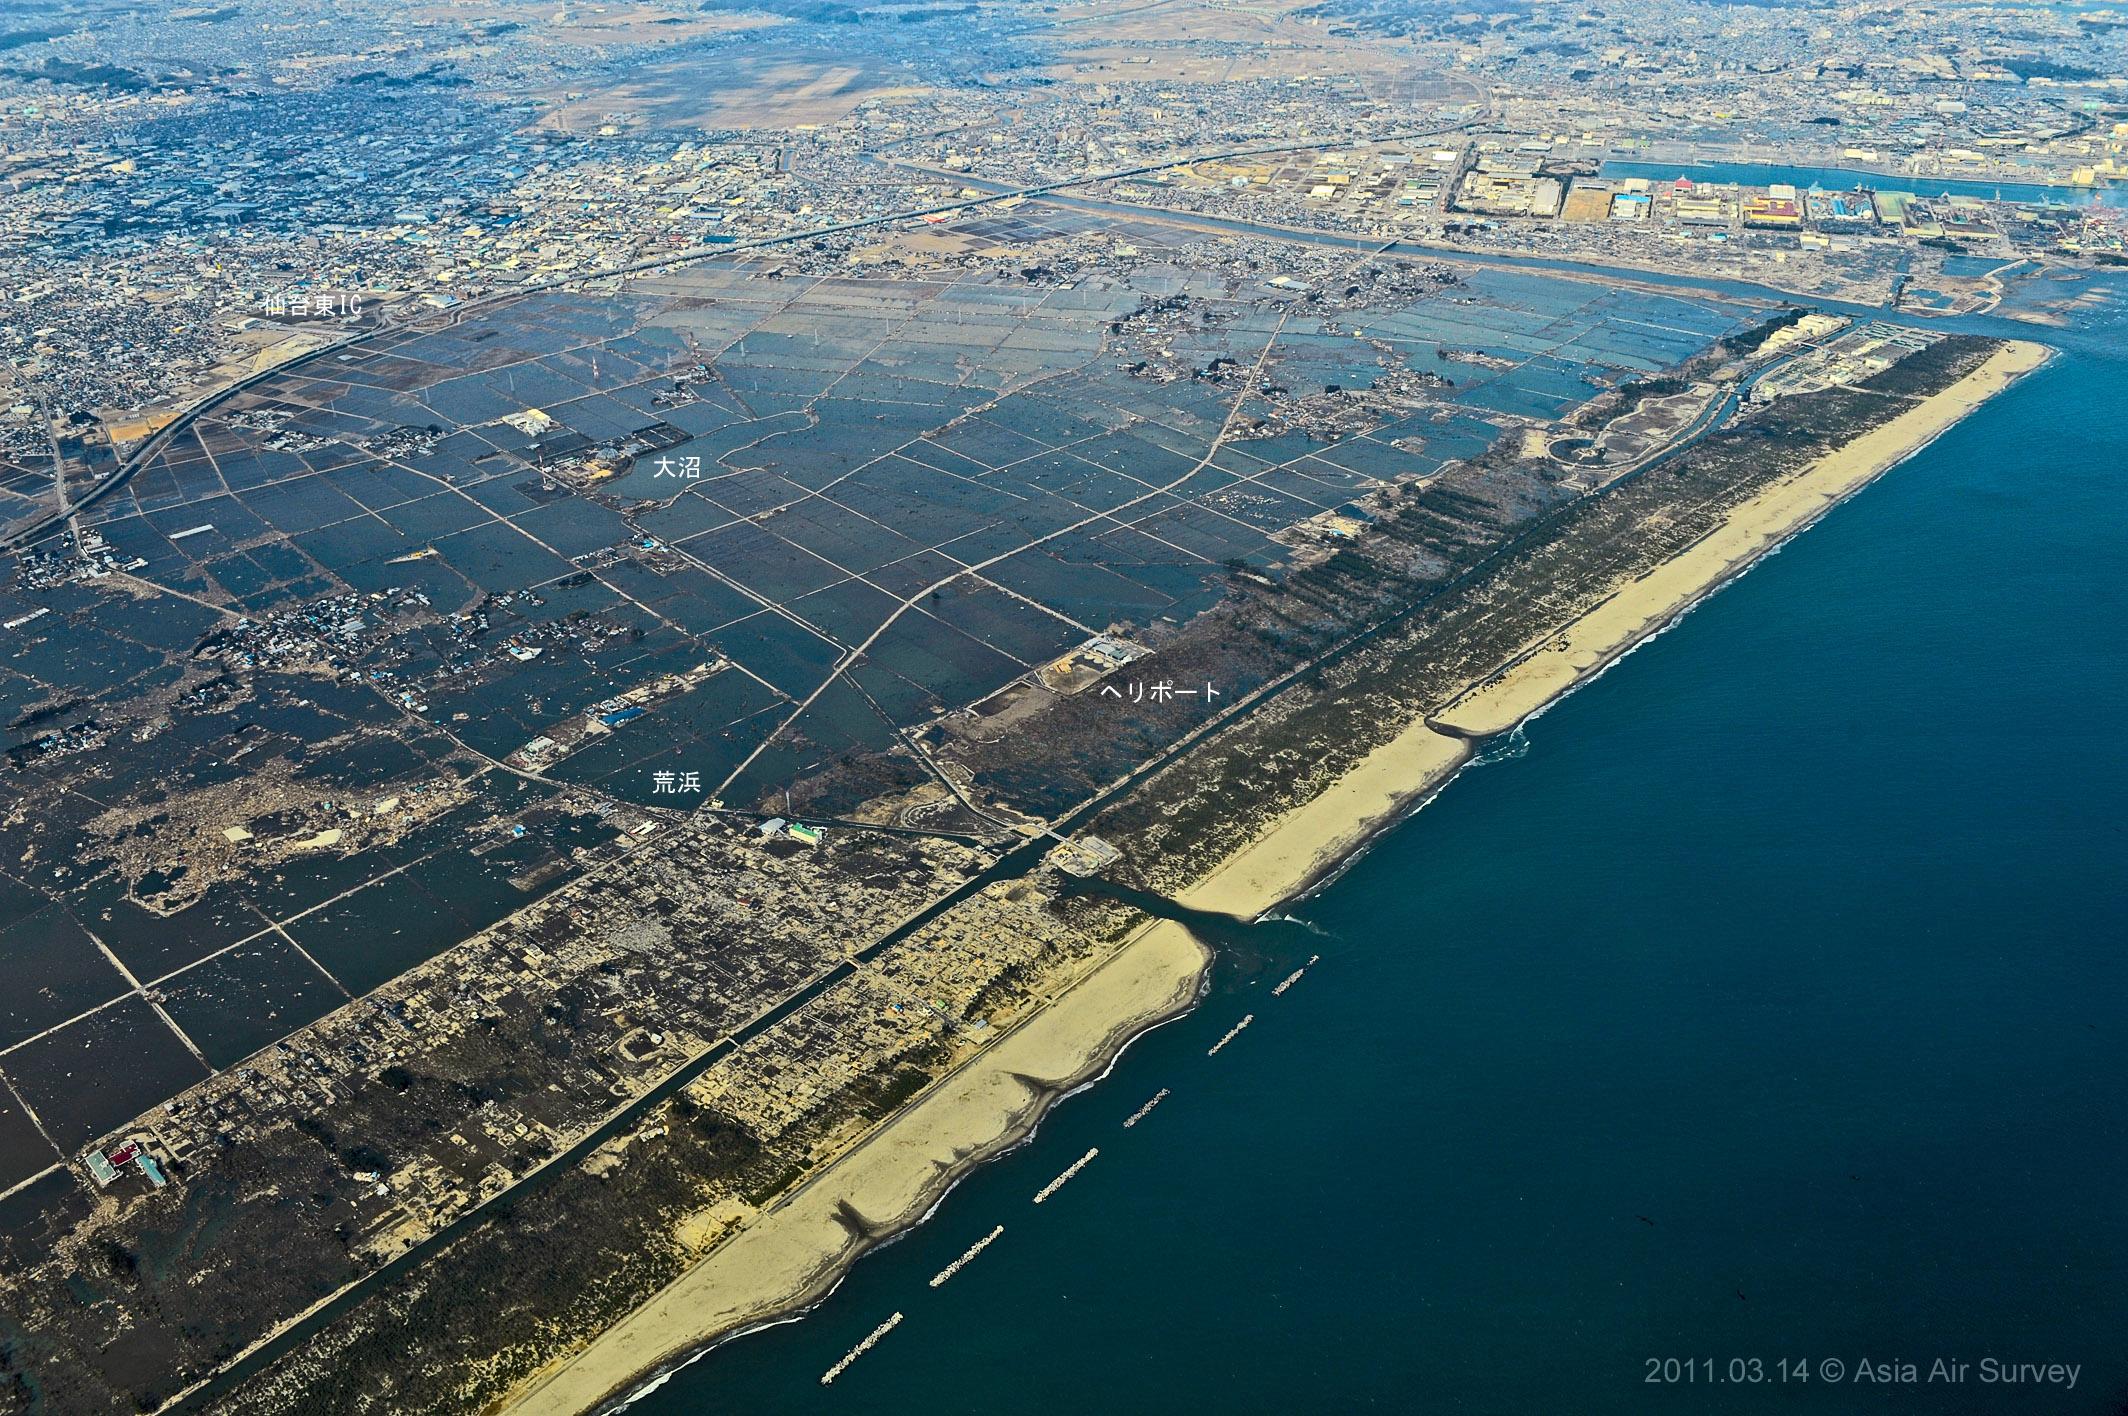 仙台周辺:大沼の震災後の状況